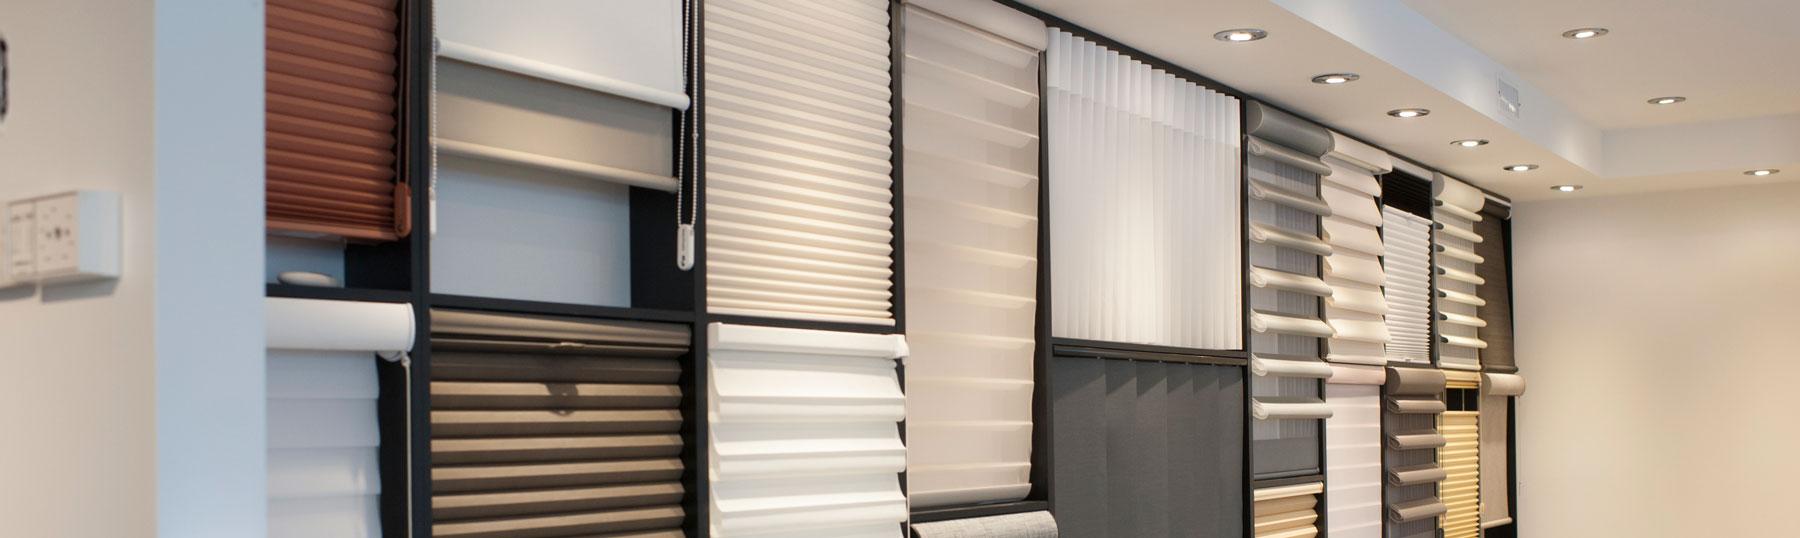 banner-showroom